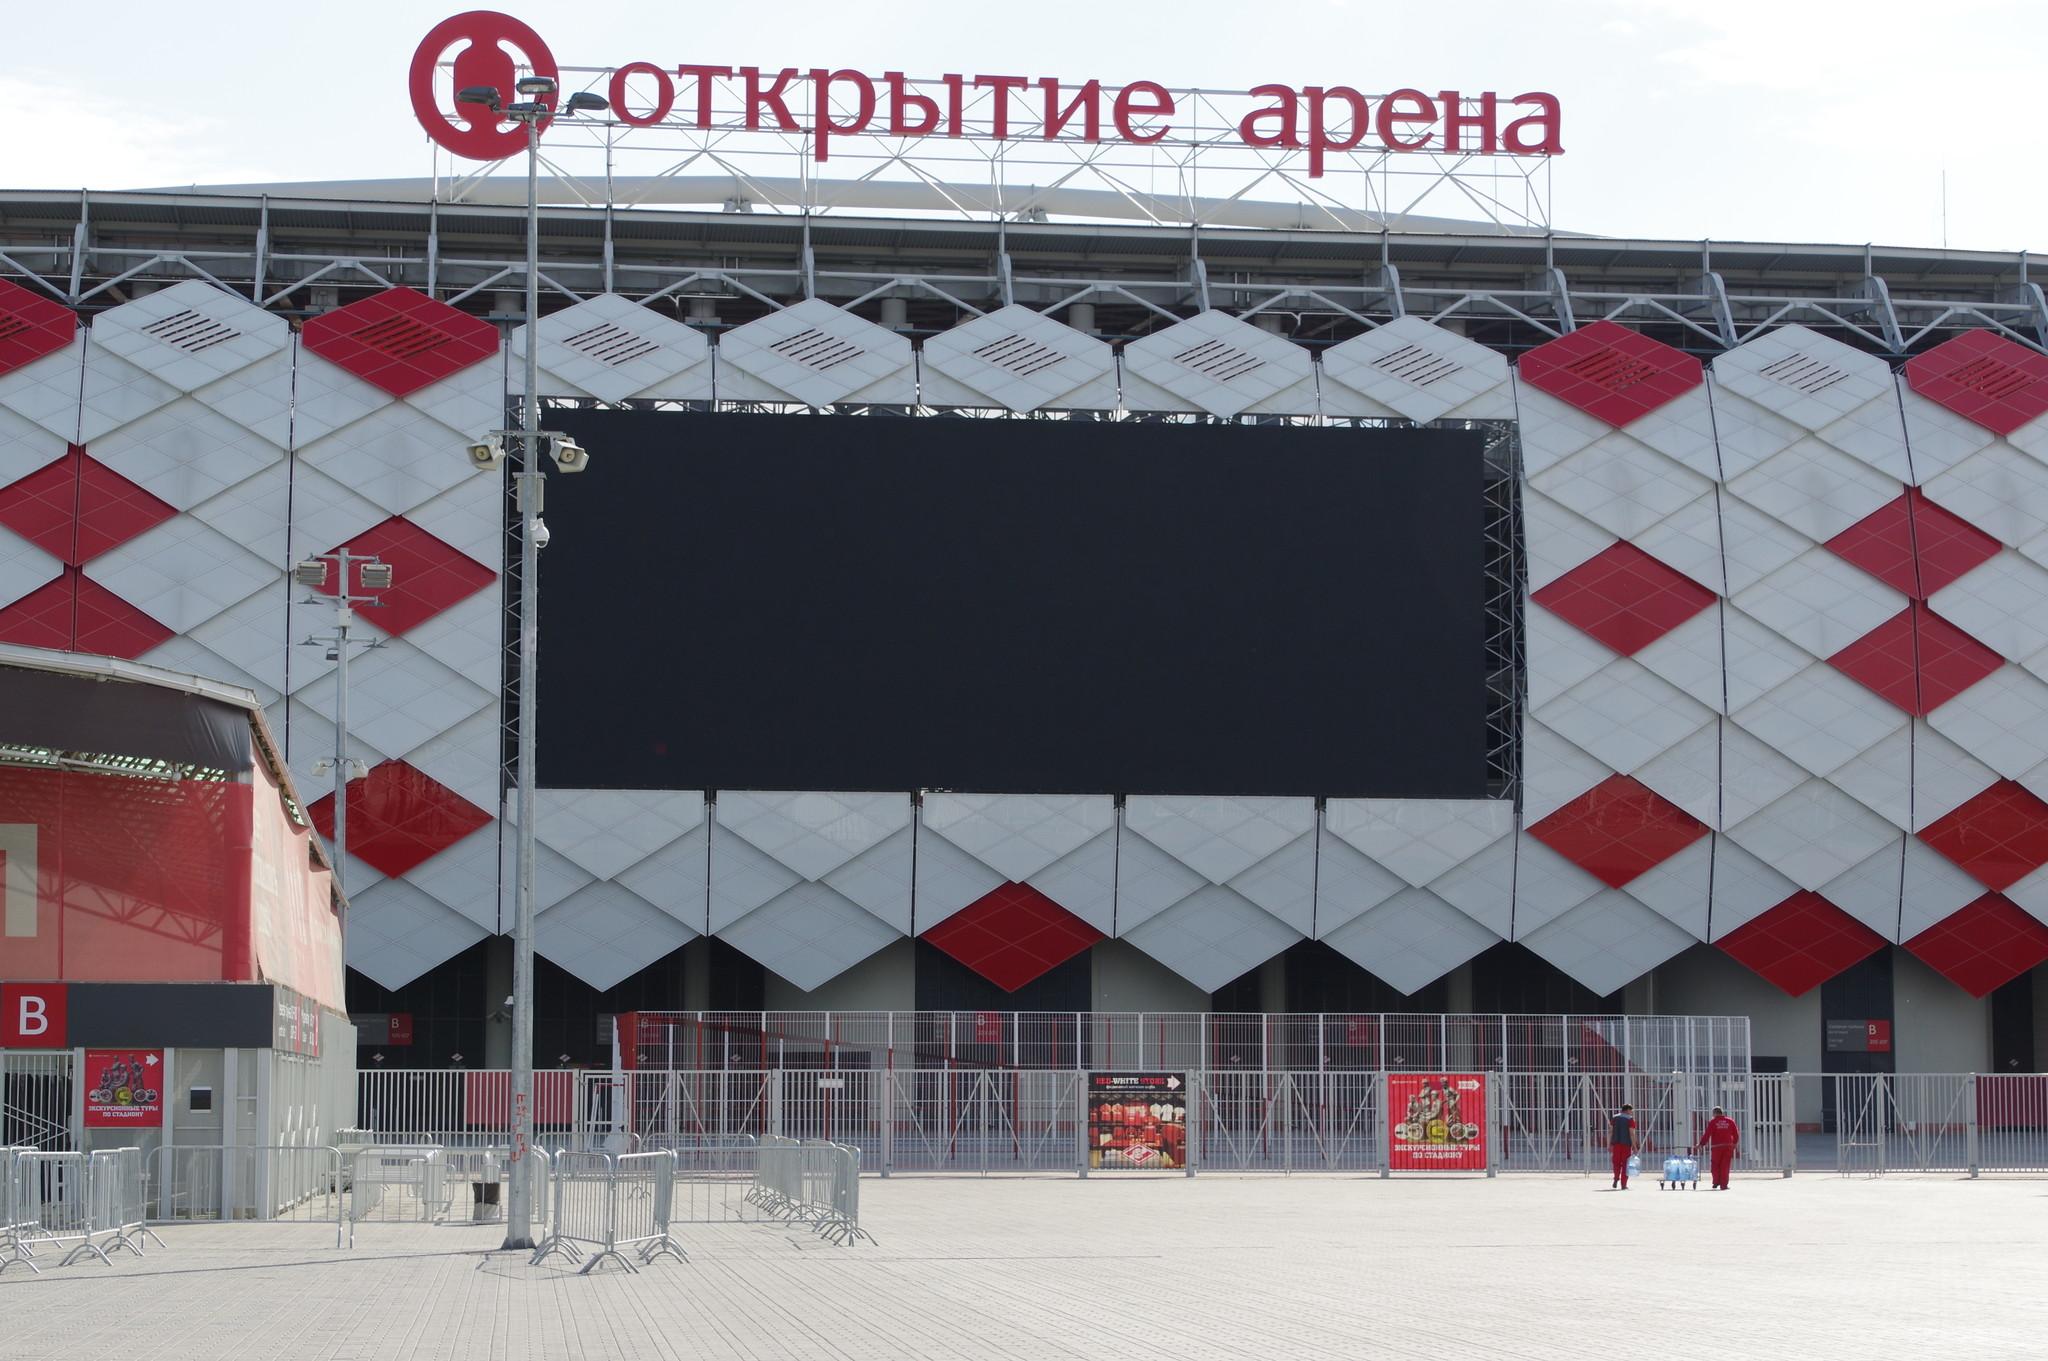 Cтадион ФК «Спартак» Москва «Открытие Арена»